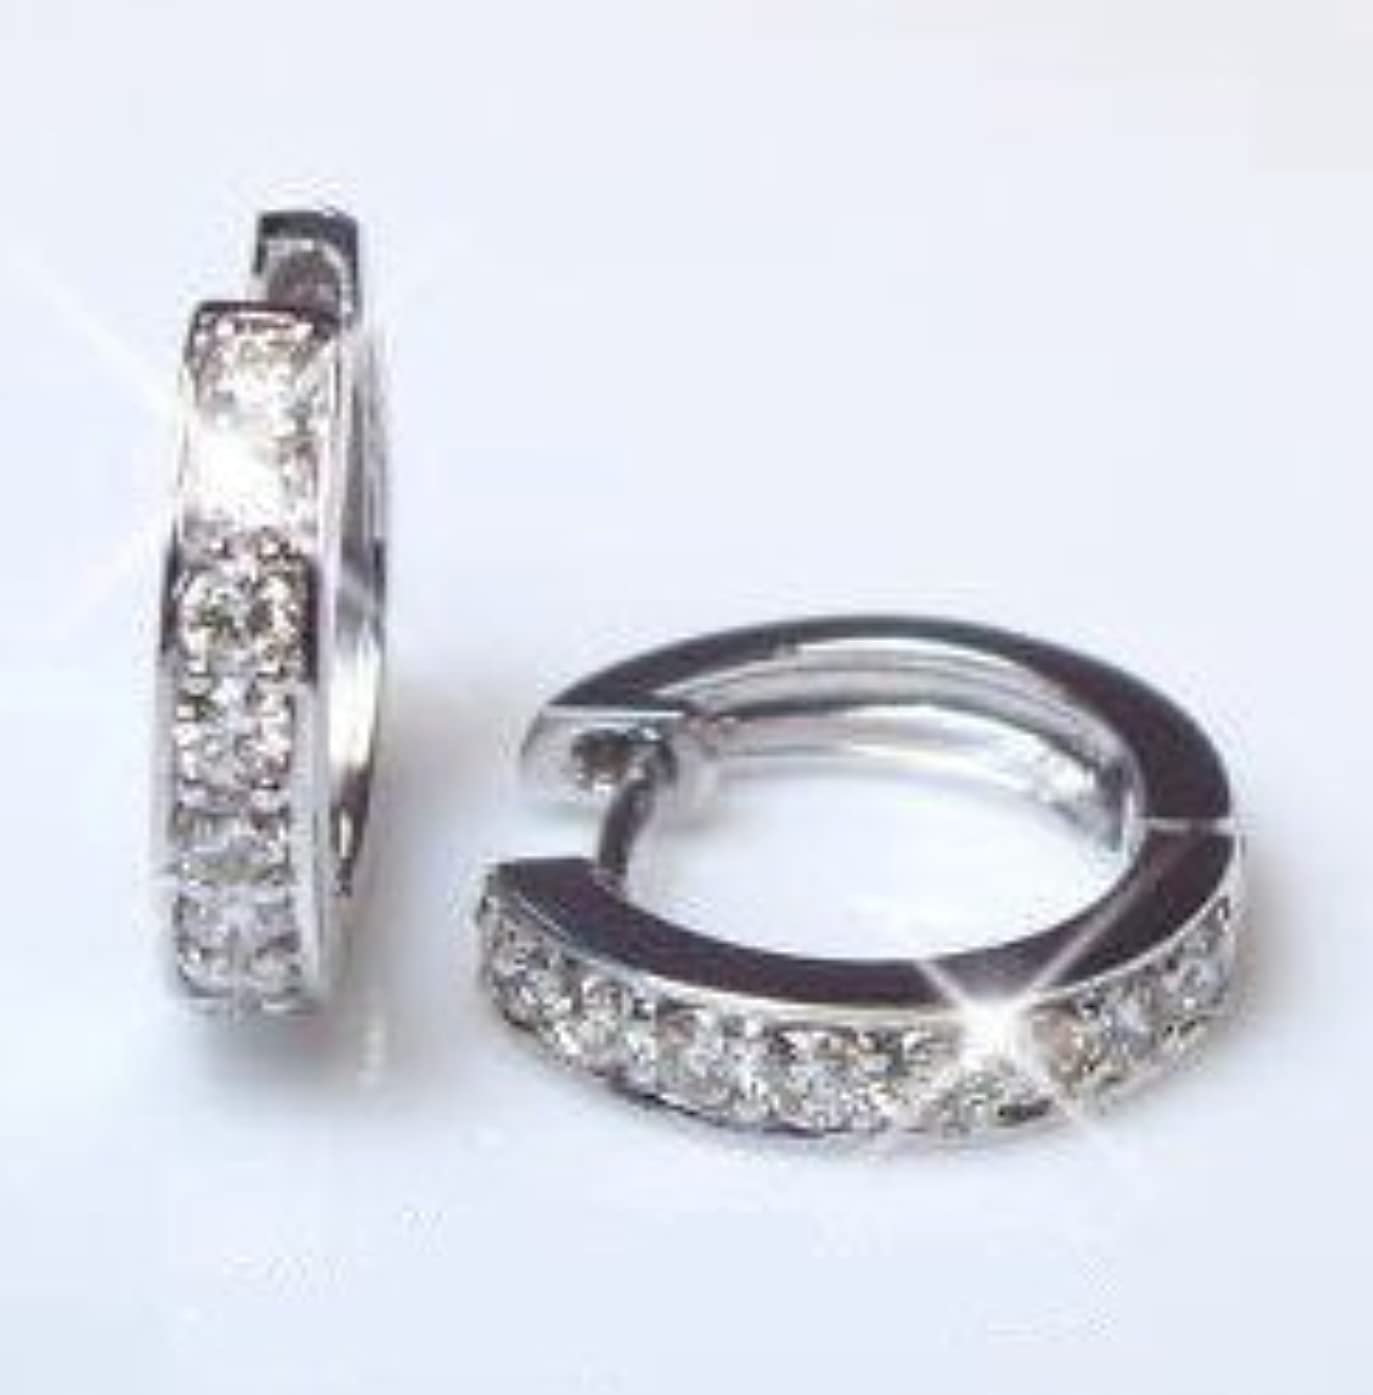 そこからコート伝導率[ラグジュエリー][Lugejewelry]K18 0.3ctダイヤモンドフープピアス0.3カラット[SIクラス/Hカラー相当] メンズ K18YG(イエローゴールド) [ジュエリー]【ラッピング対応】